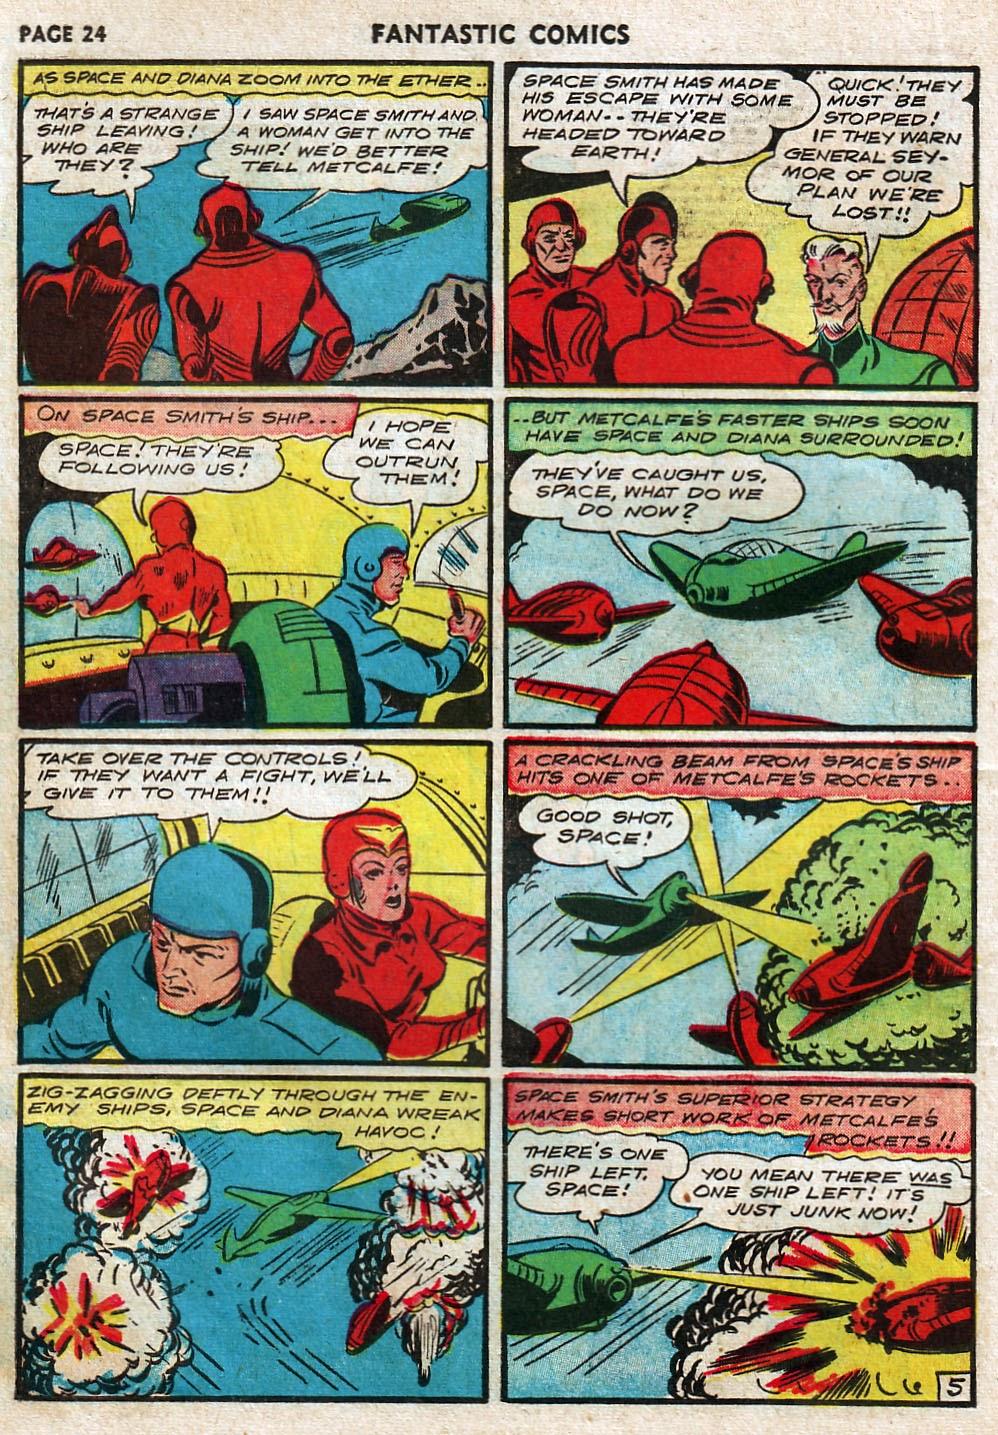 Read online Fantastic Comics comic -  Issue #17 - 26